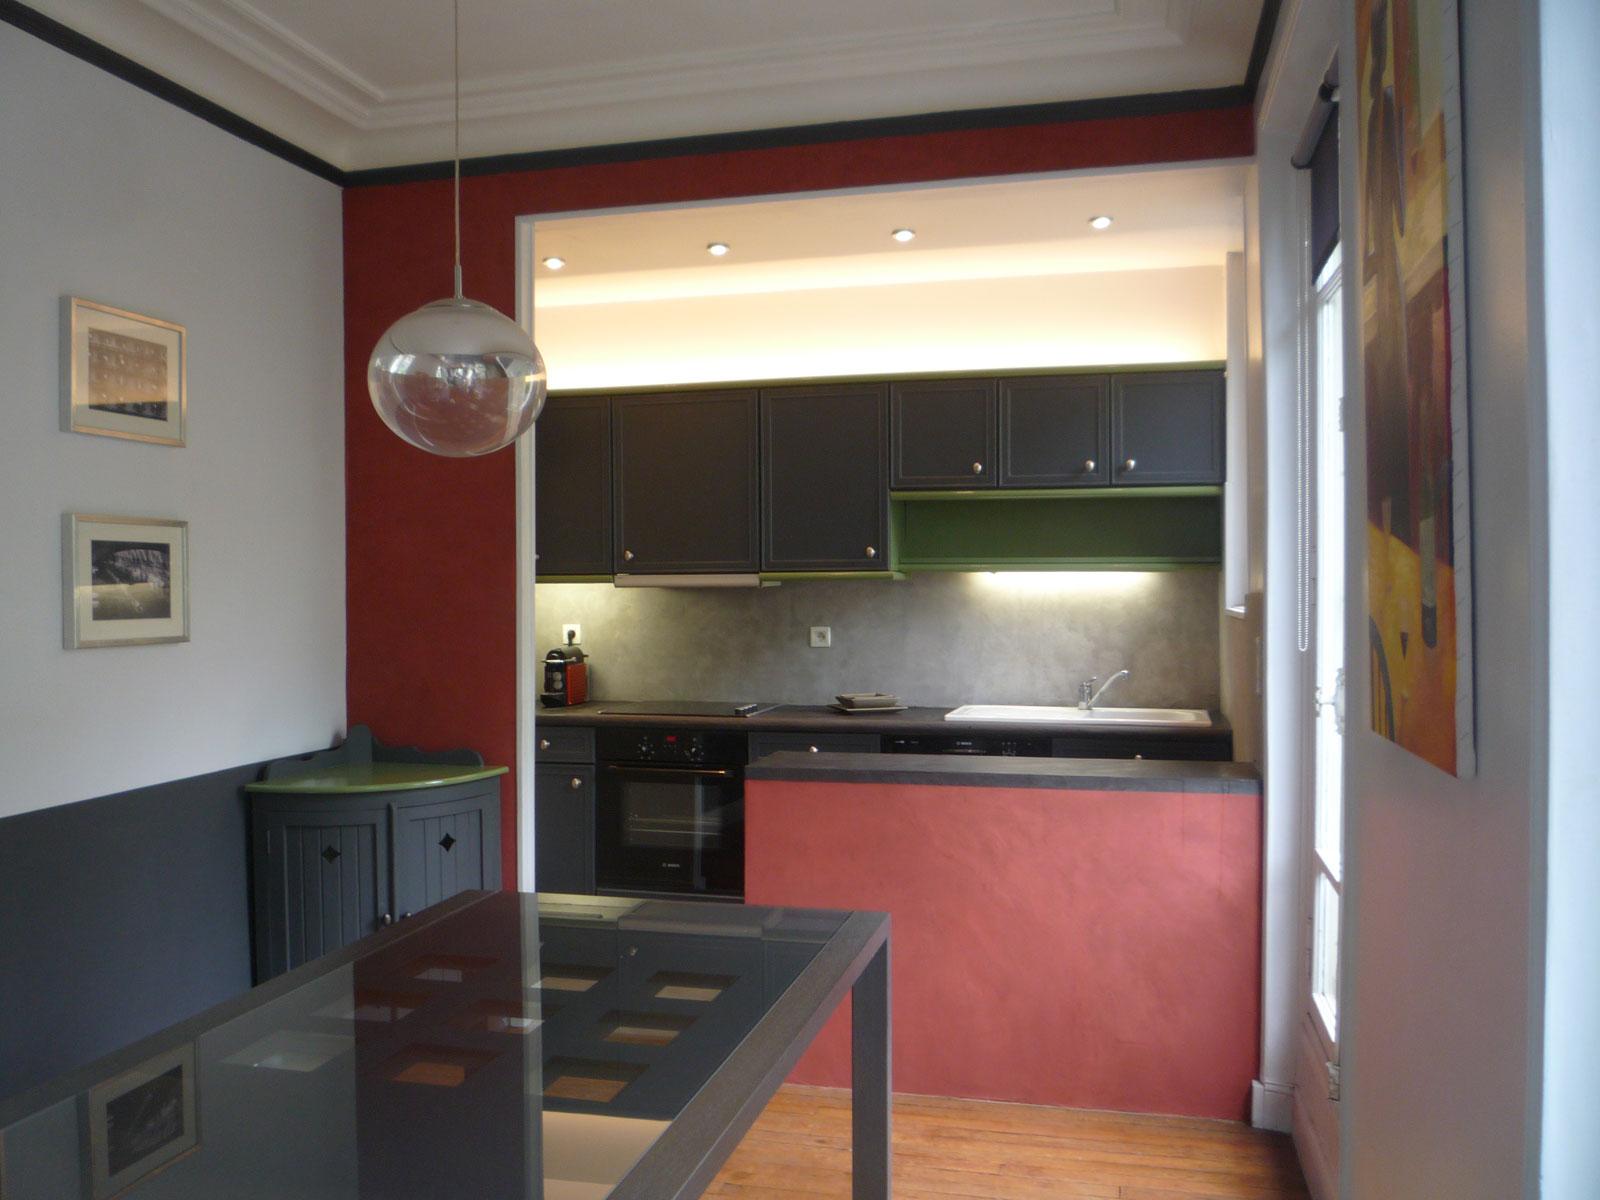 faire chanter les murs cuisine et bar r alis s en b ton cir en collaboration avec murs et. Black Bedroom Furniture Sets. Home Design Ideas